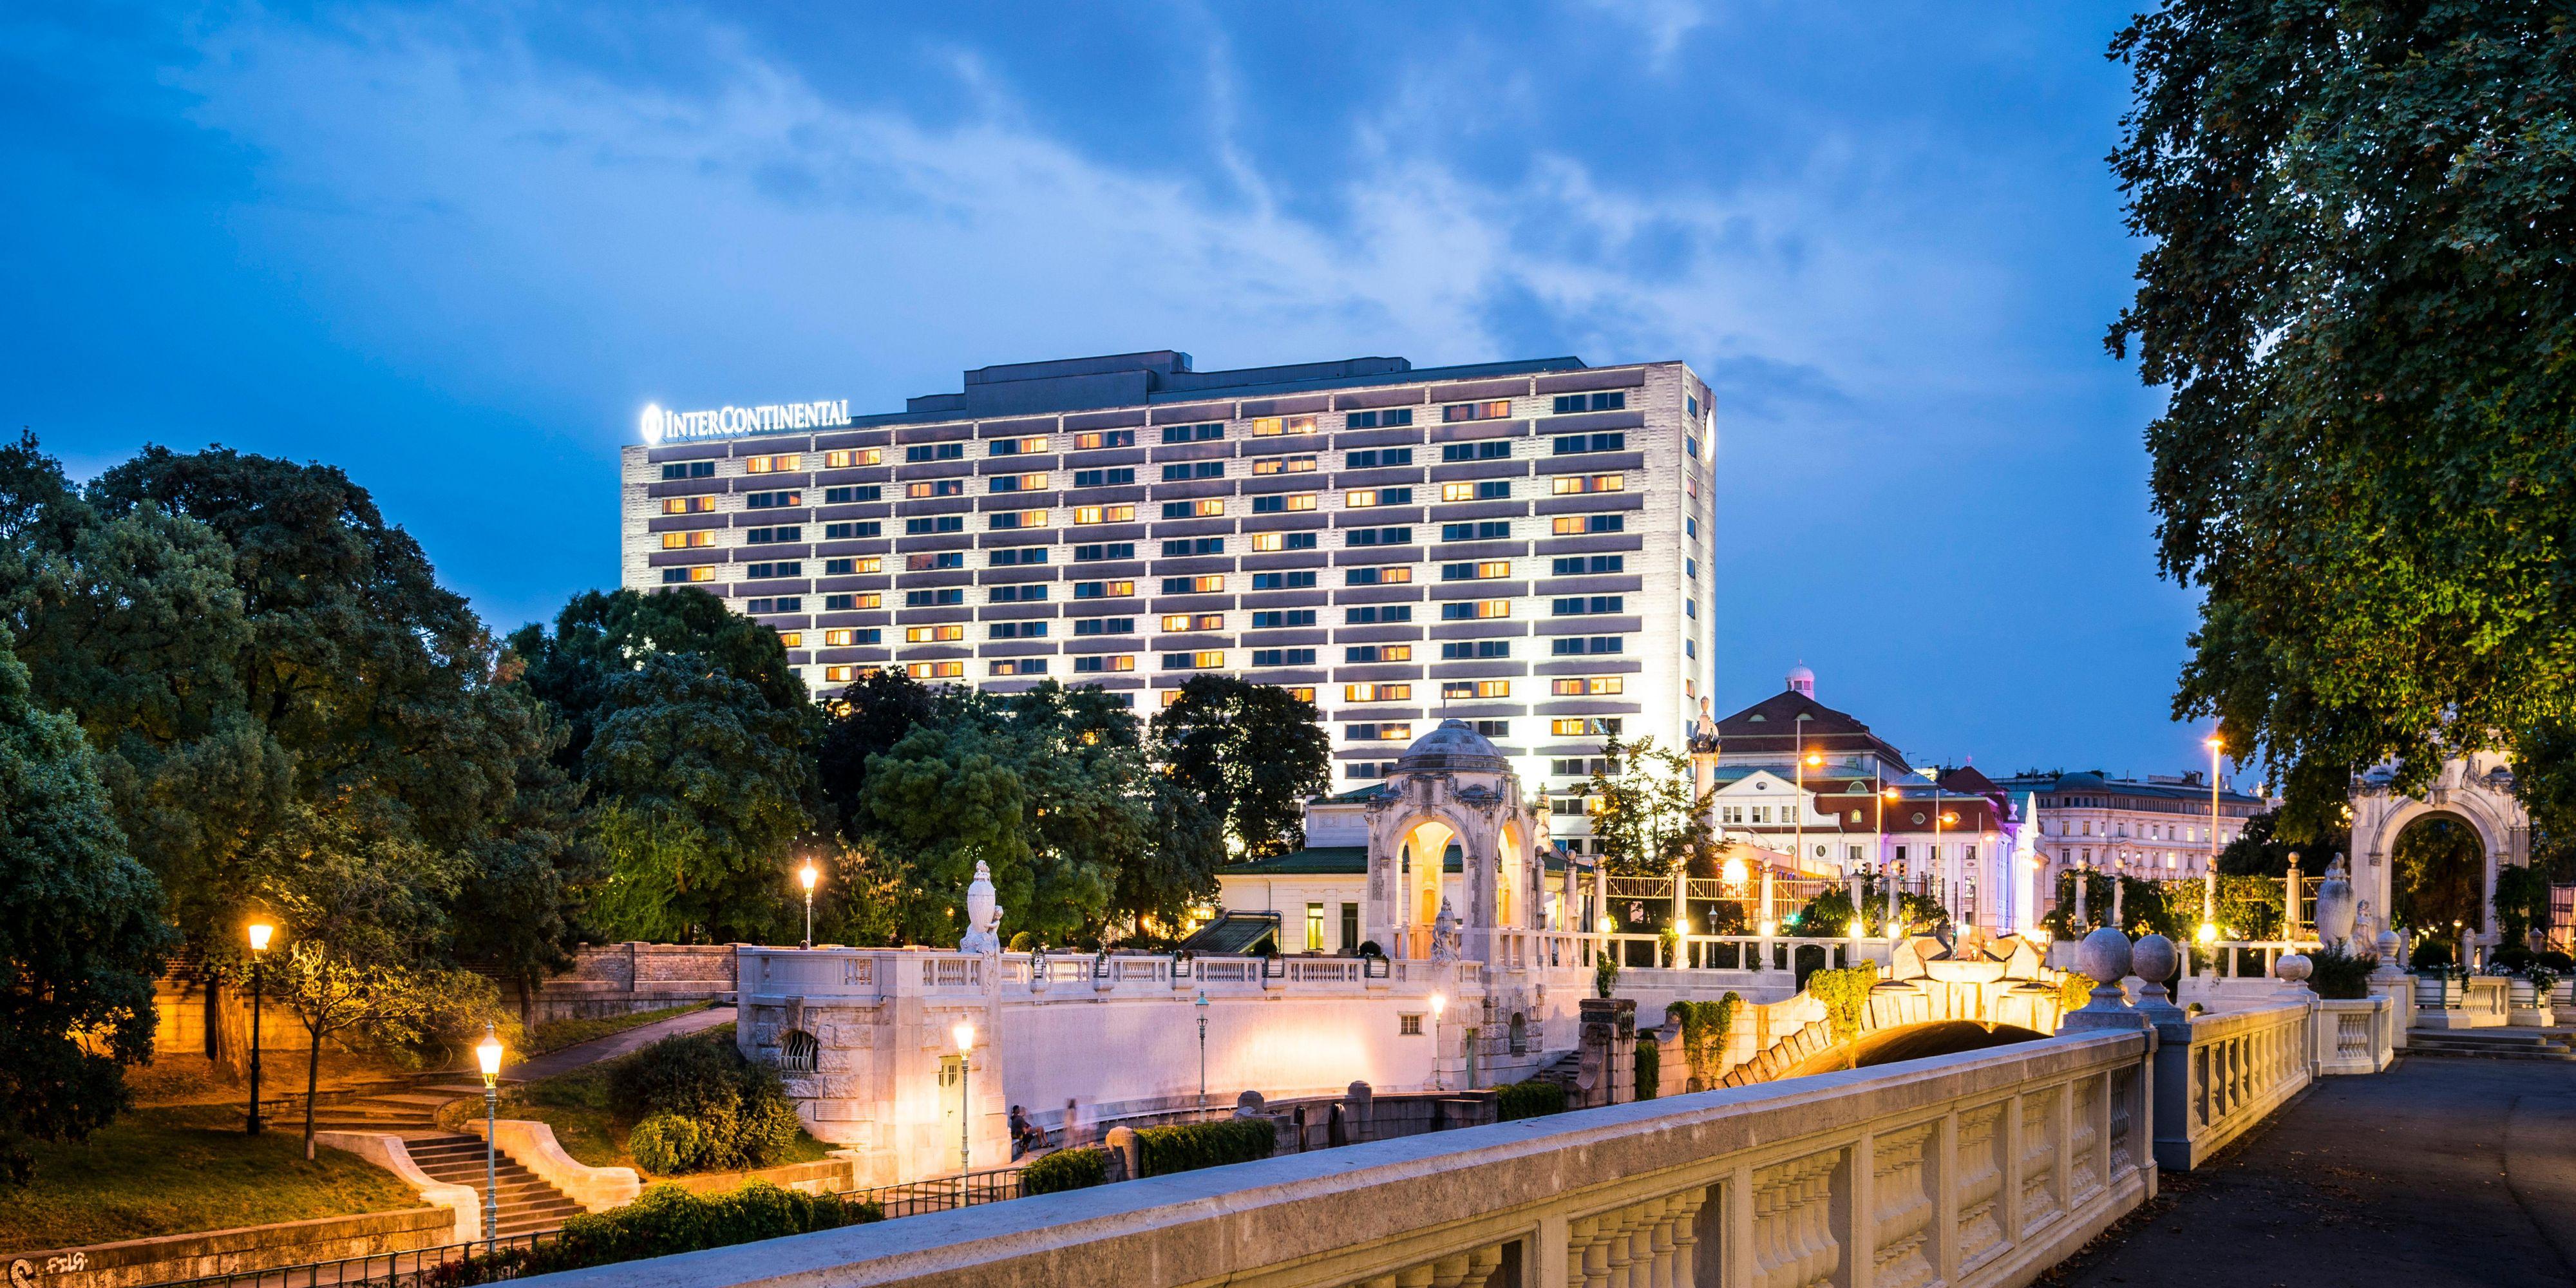 Luxury city centre hotel intercontinental hotel vienna